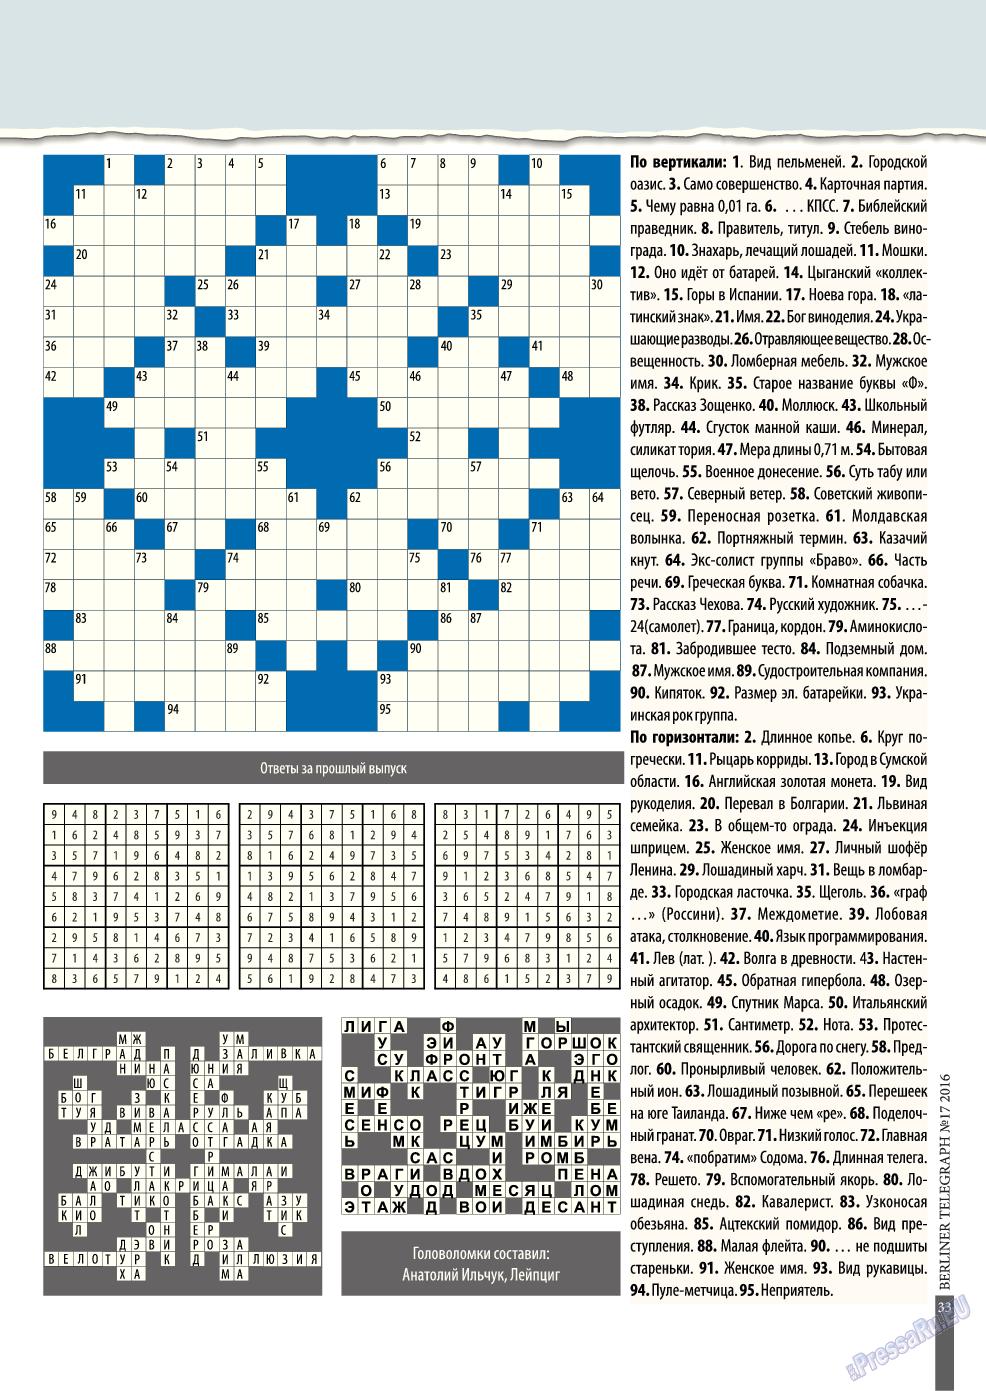 Берлинский телеграф (журнал). 2016 год, номер 17, стр. 33